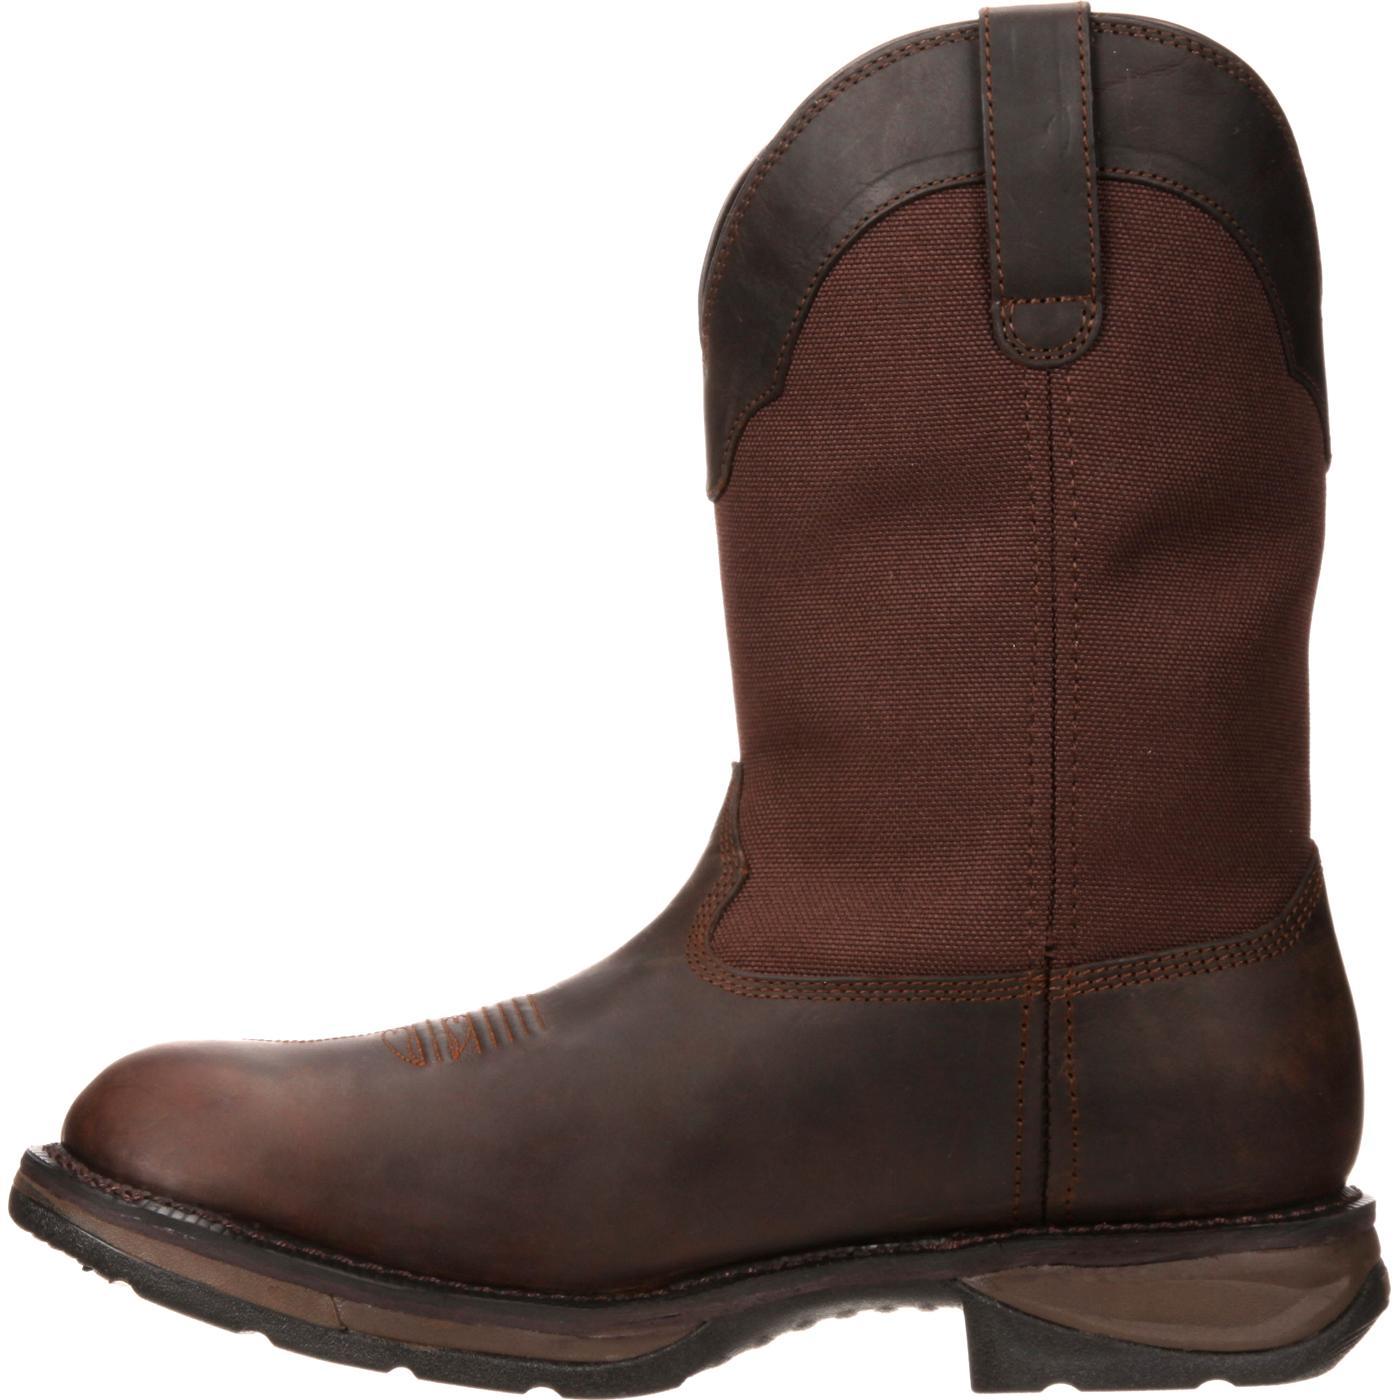 f14ebfe8b7f Workin' Rebel by Durango Steel Toe Waterproof Western Boot